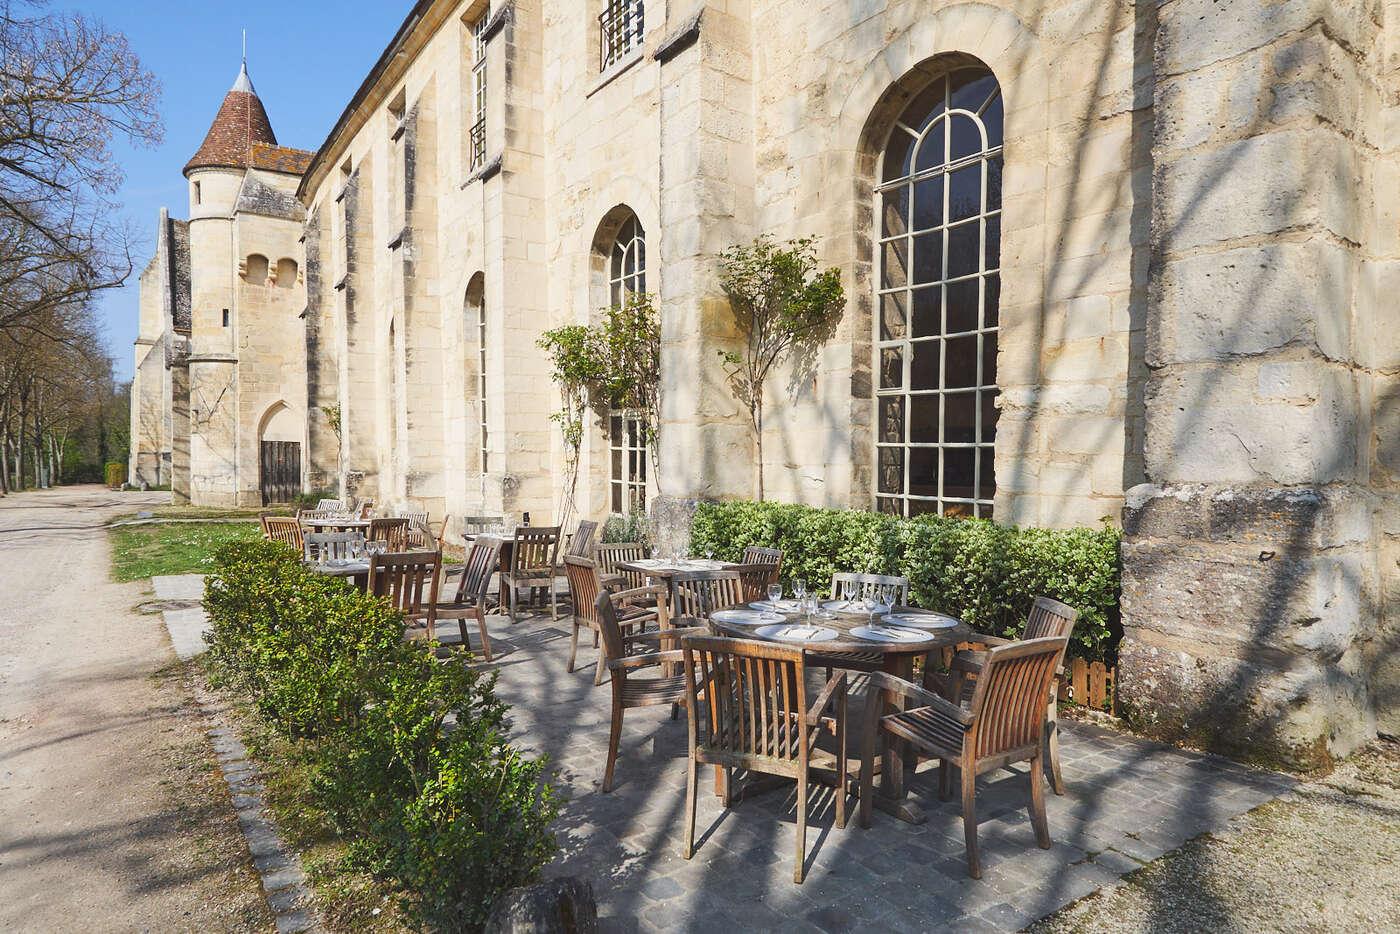 Restaurant de l'abbaye de Royaumont